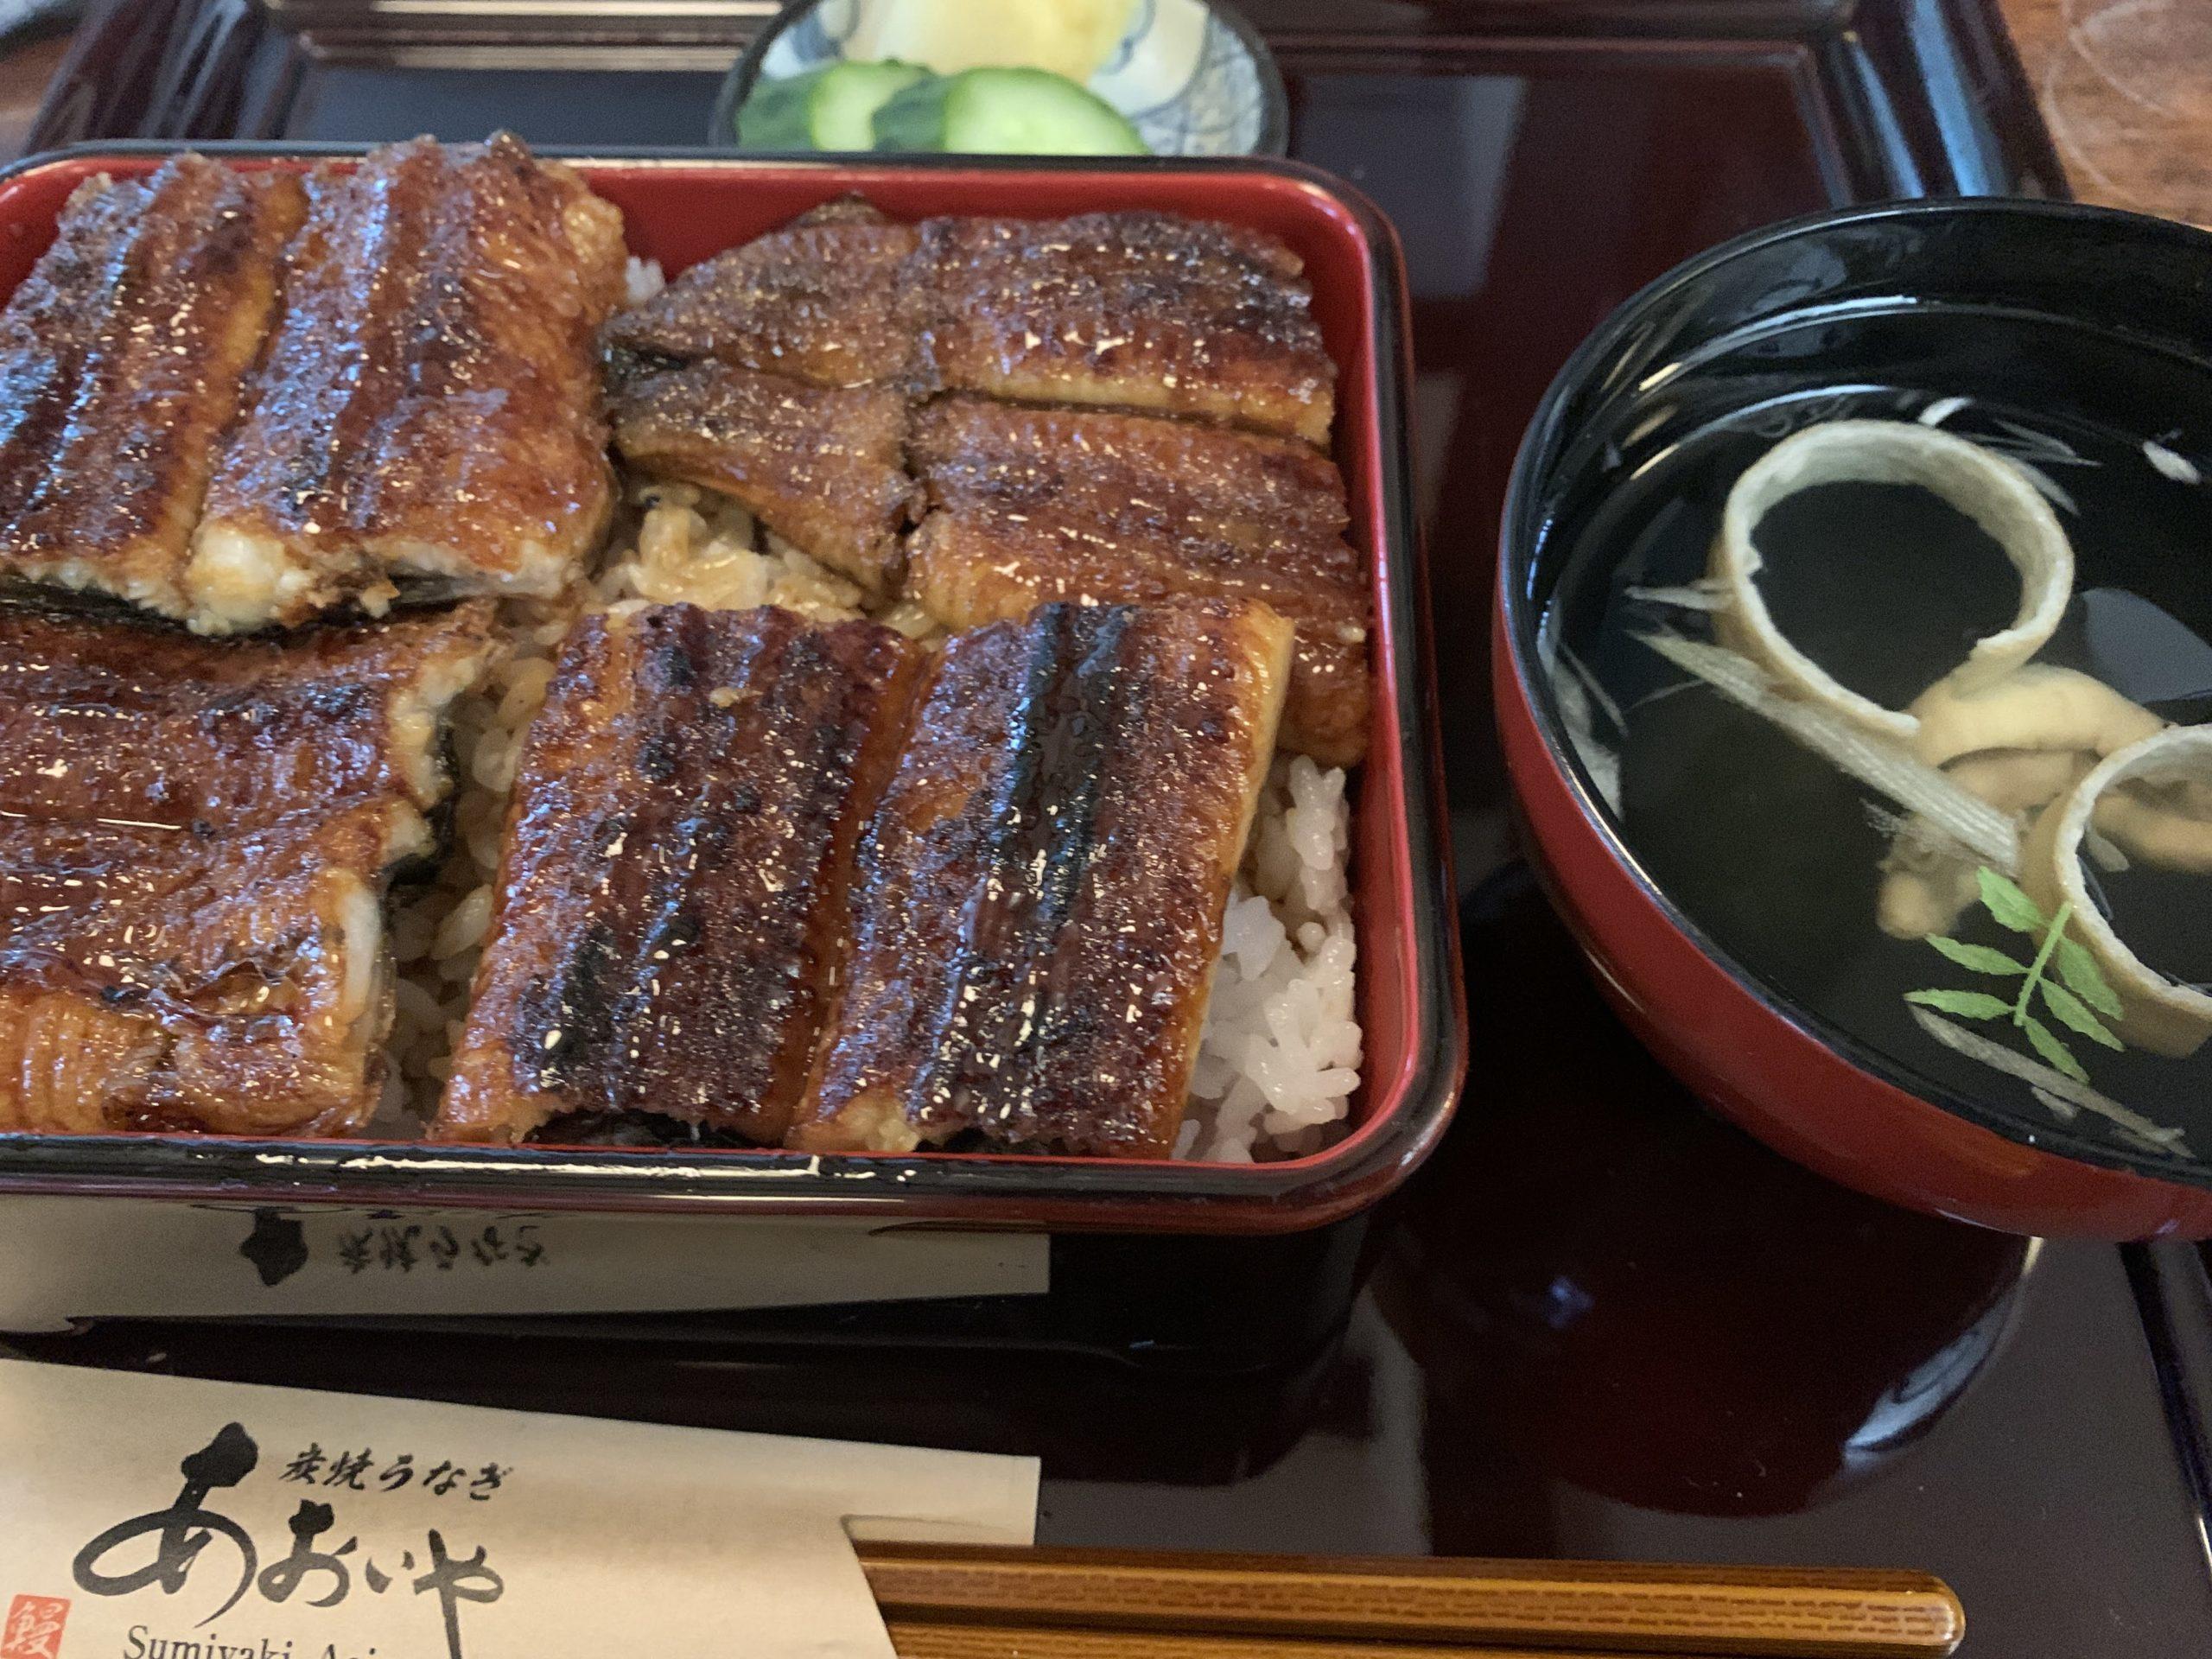 浜松うなぎのおすすめ:あおいやは美味しいの?お店の混雑状況や、実食レビュー